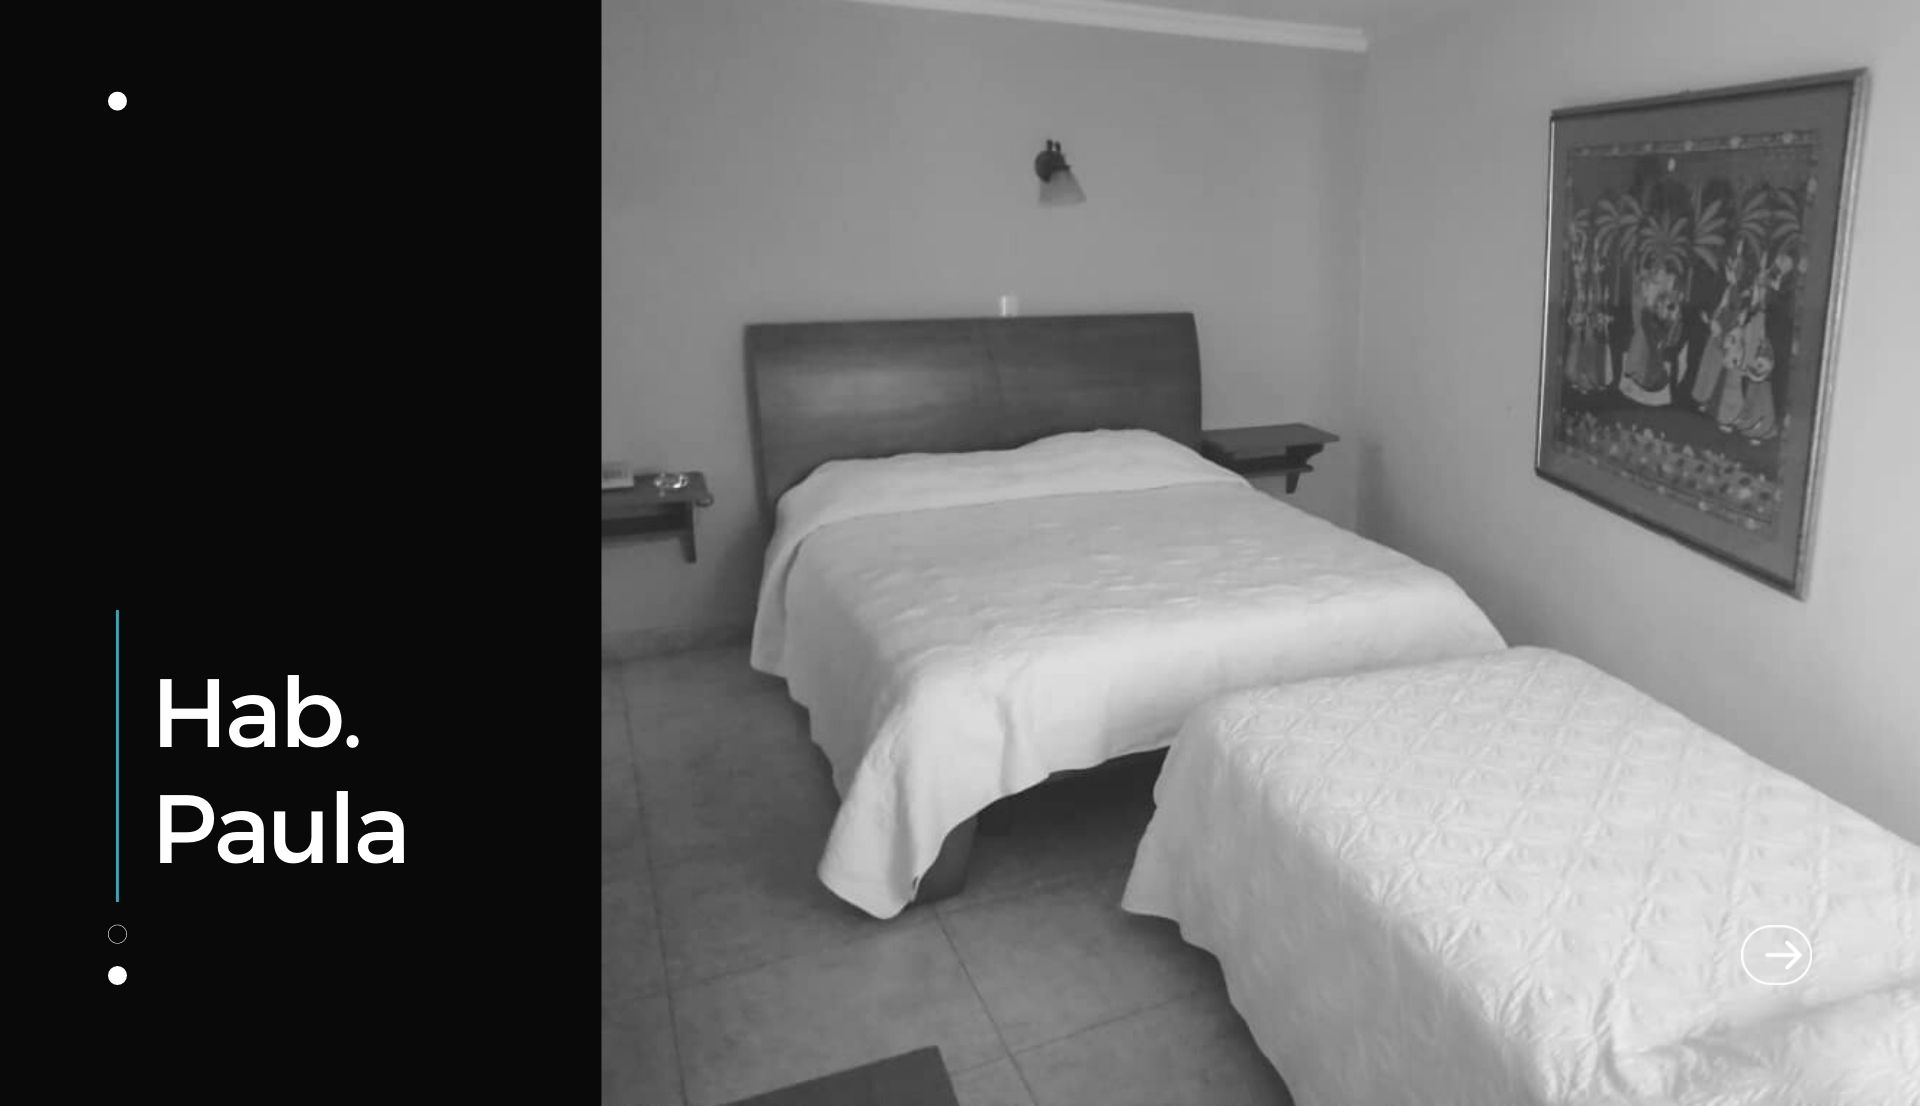 habitacion familiar y para adultos mayores. paula